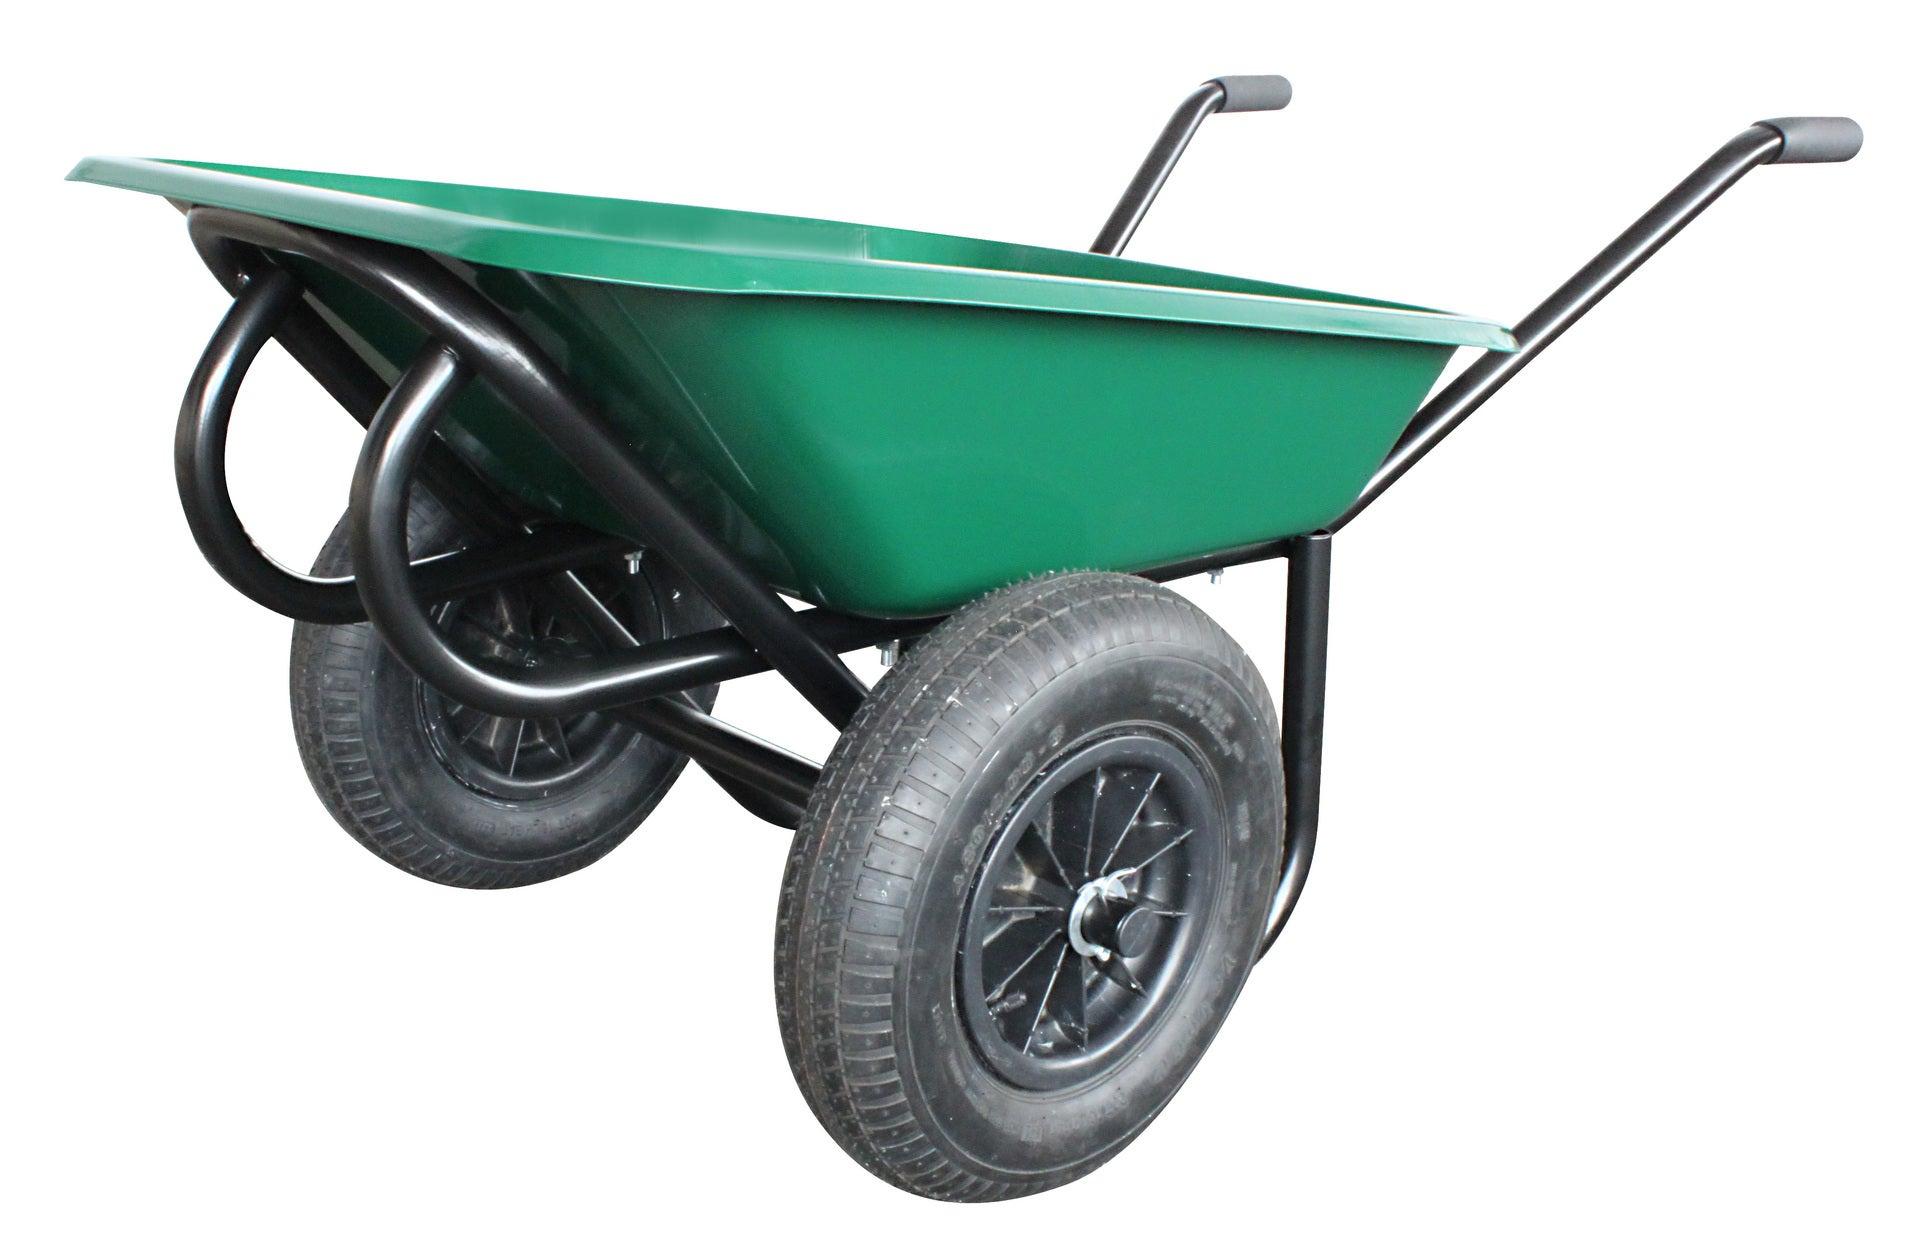 Brouette 2 Roues En Acier Peint Altrad, 100 L, 250 Kg pour Chariot De Jardin Leroy Merlin